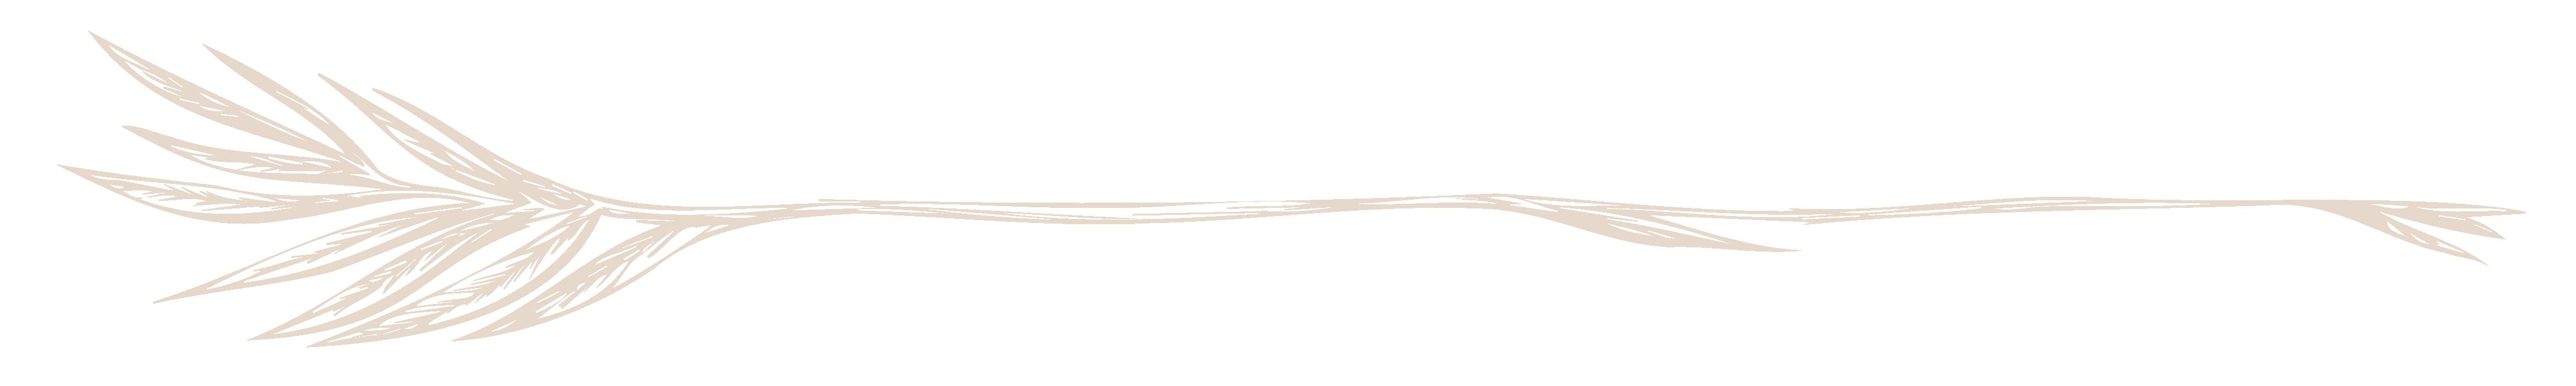 Pats Divider-04